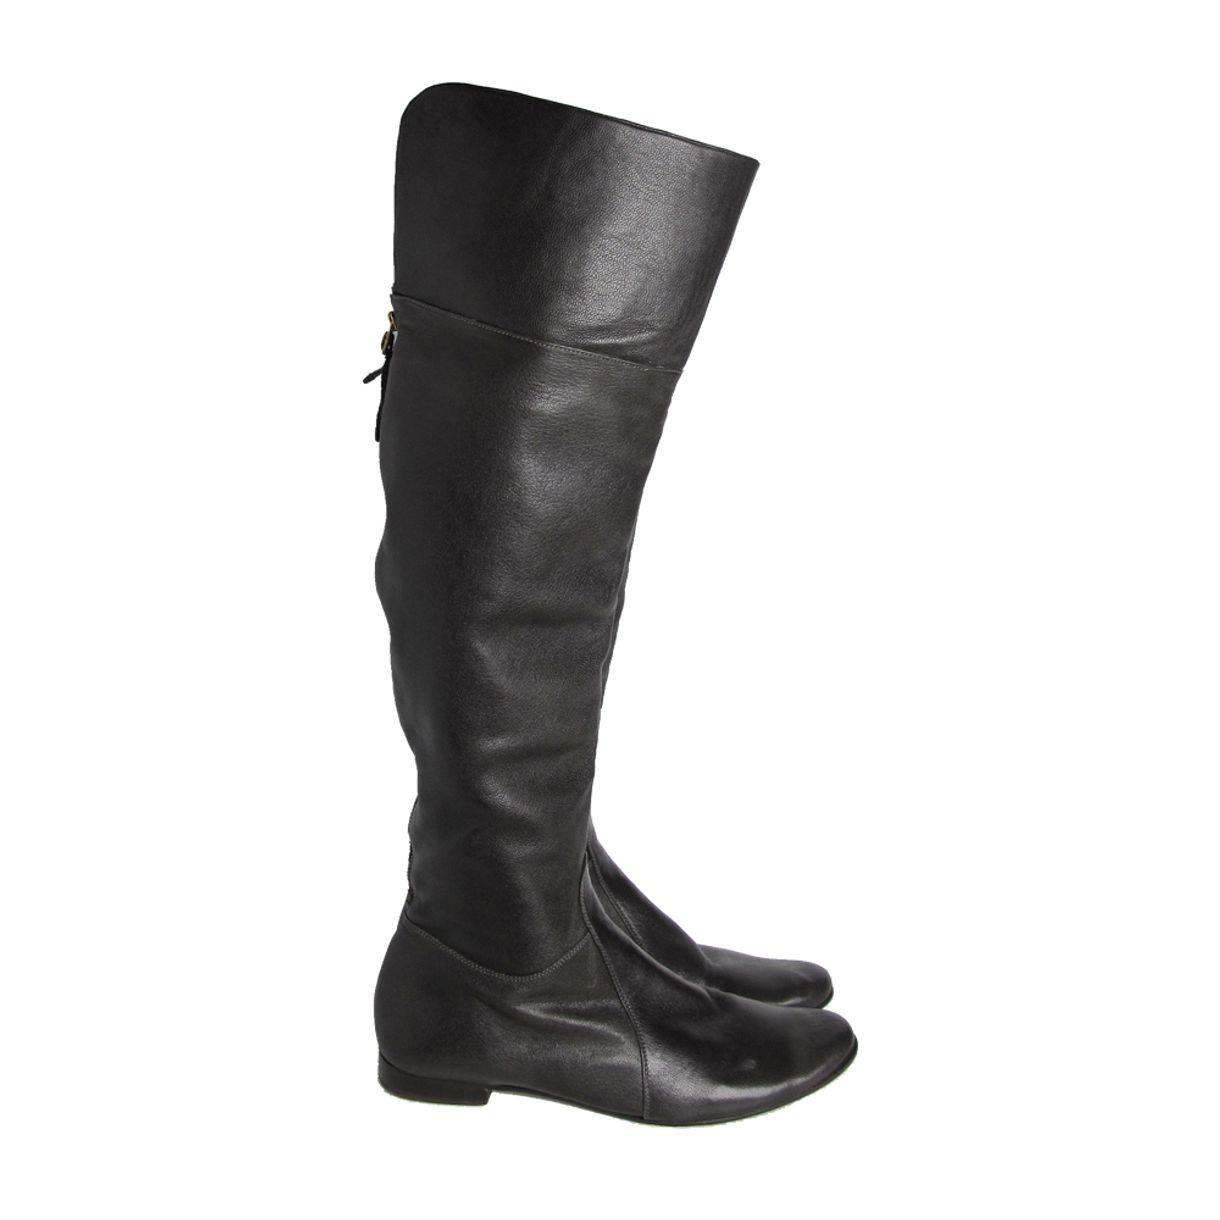 Bota-Paula-Ferber-Over-Knee